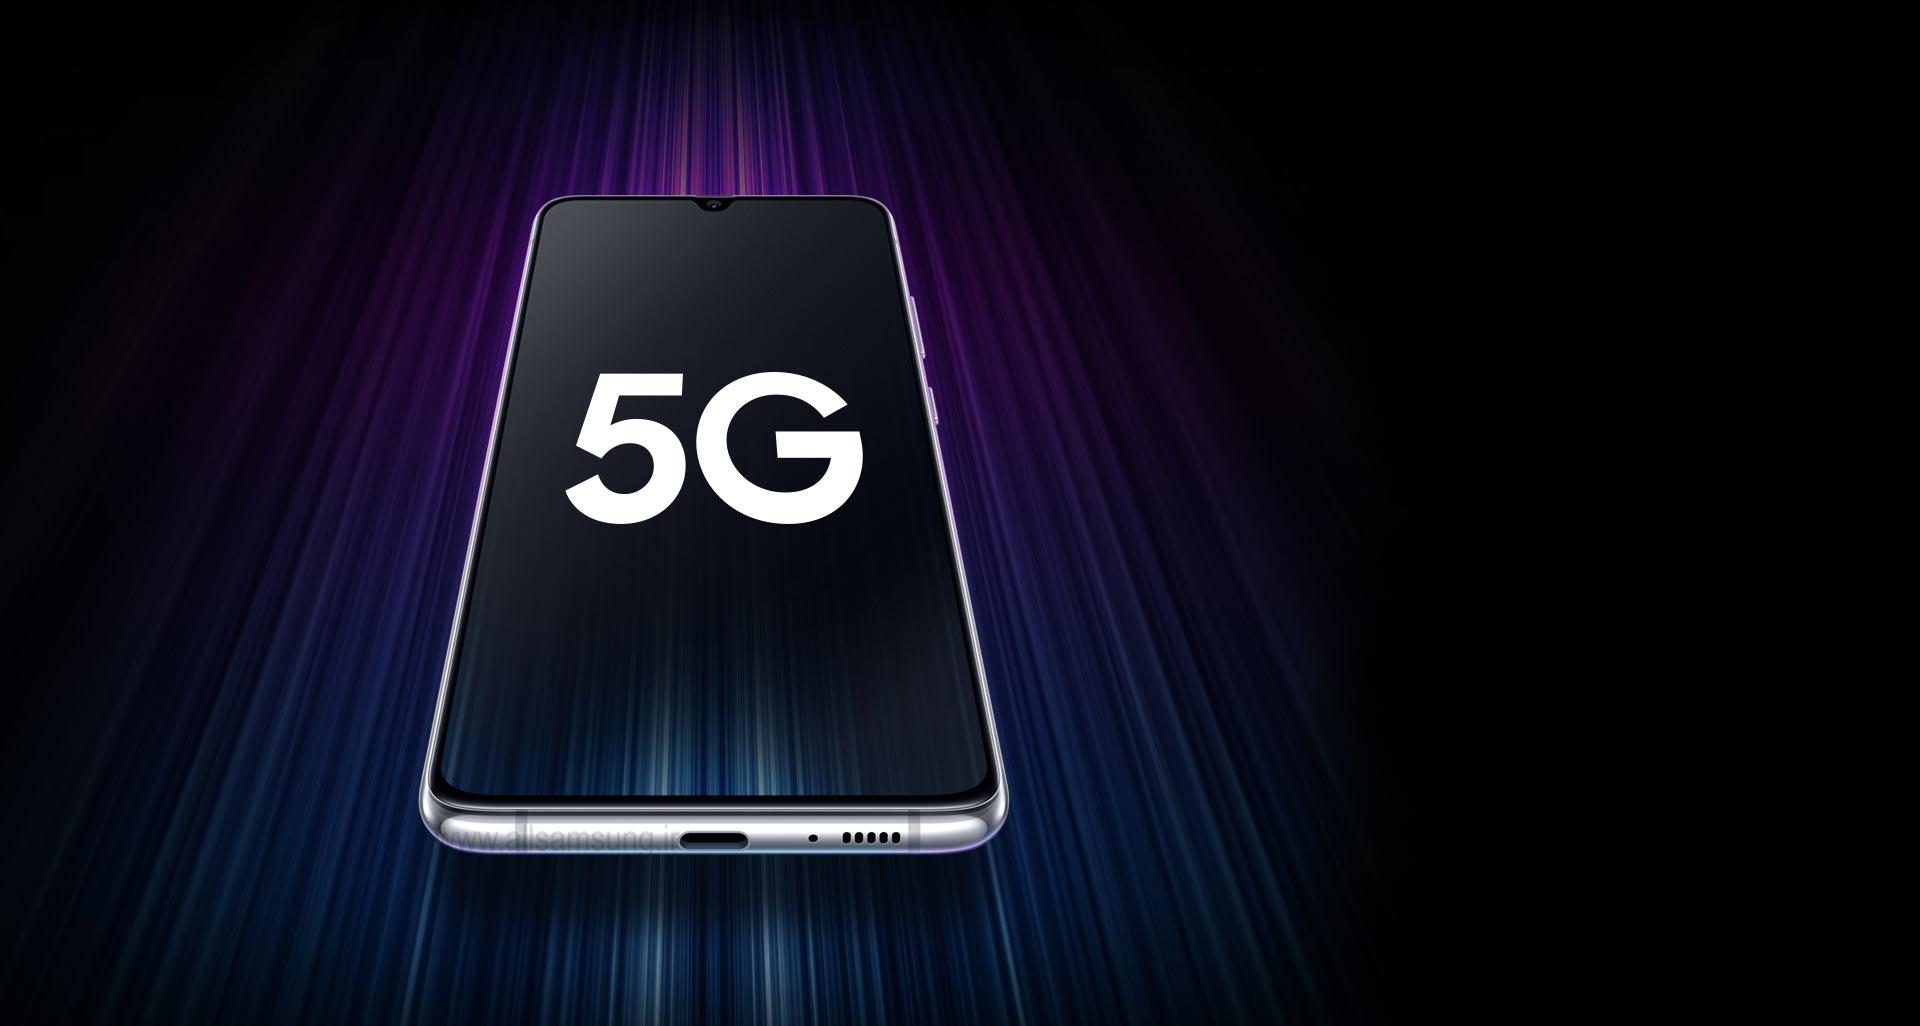 گوشی A90 با پشتیبانی از شبکه 5G به منظور اتصال شما با نسل بعدی سرعت